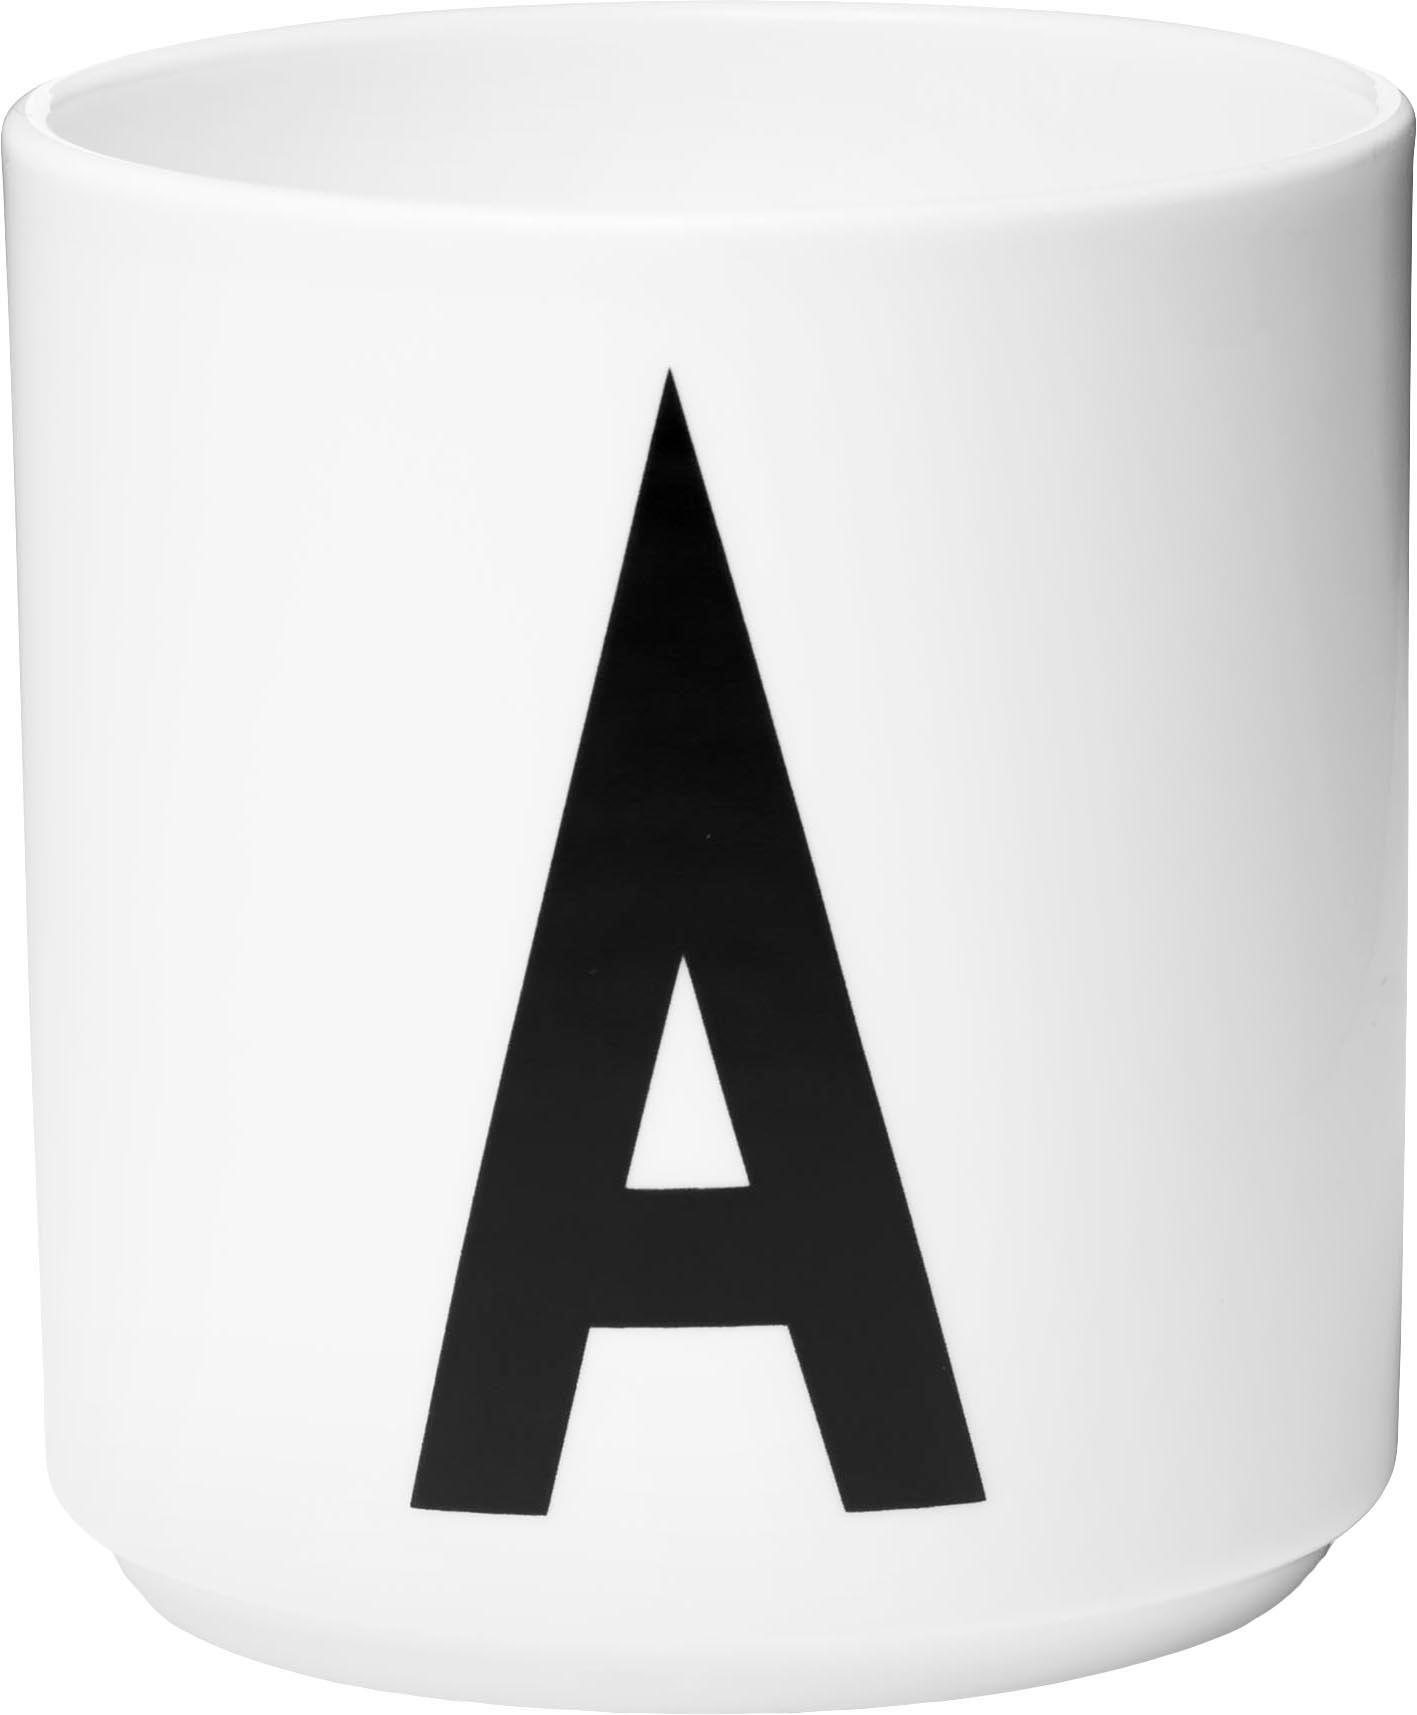 Design Becher Personal mit Buchstaben (Varianten von A bis Z), Fine Bone China (Porzellan), Weiss, Schwarz, Becher A